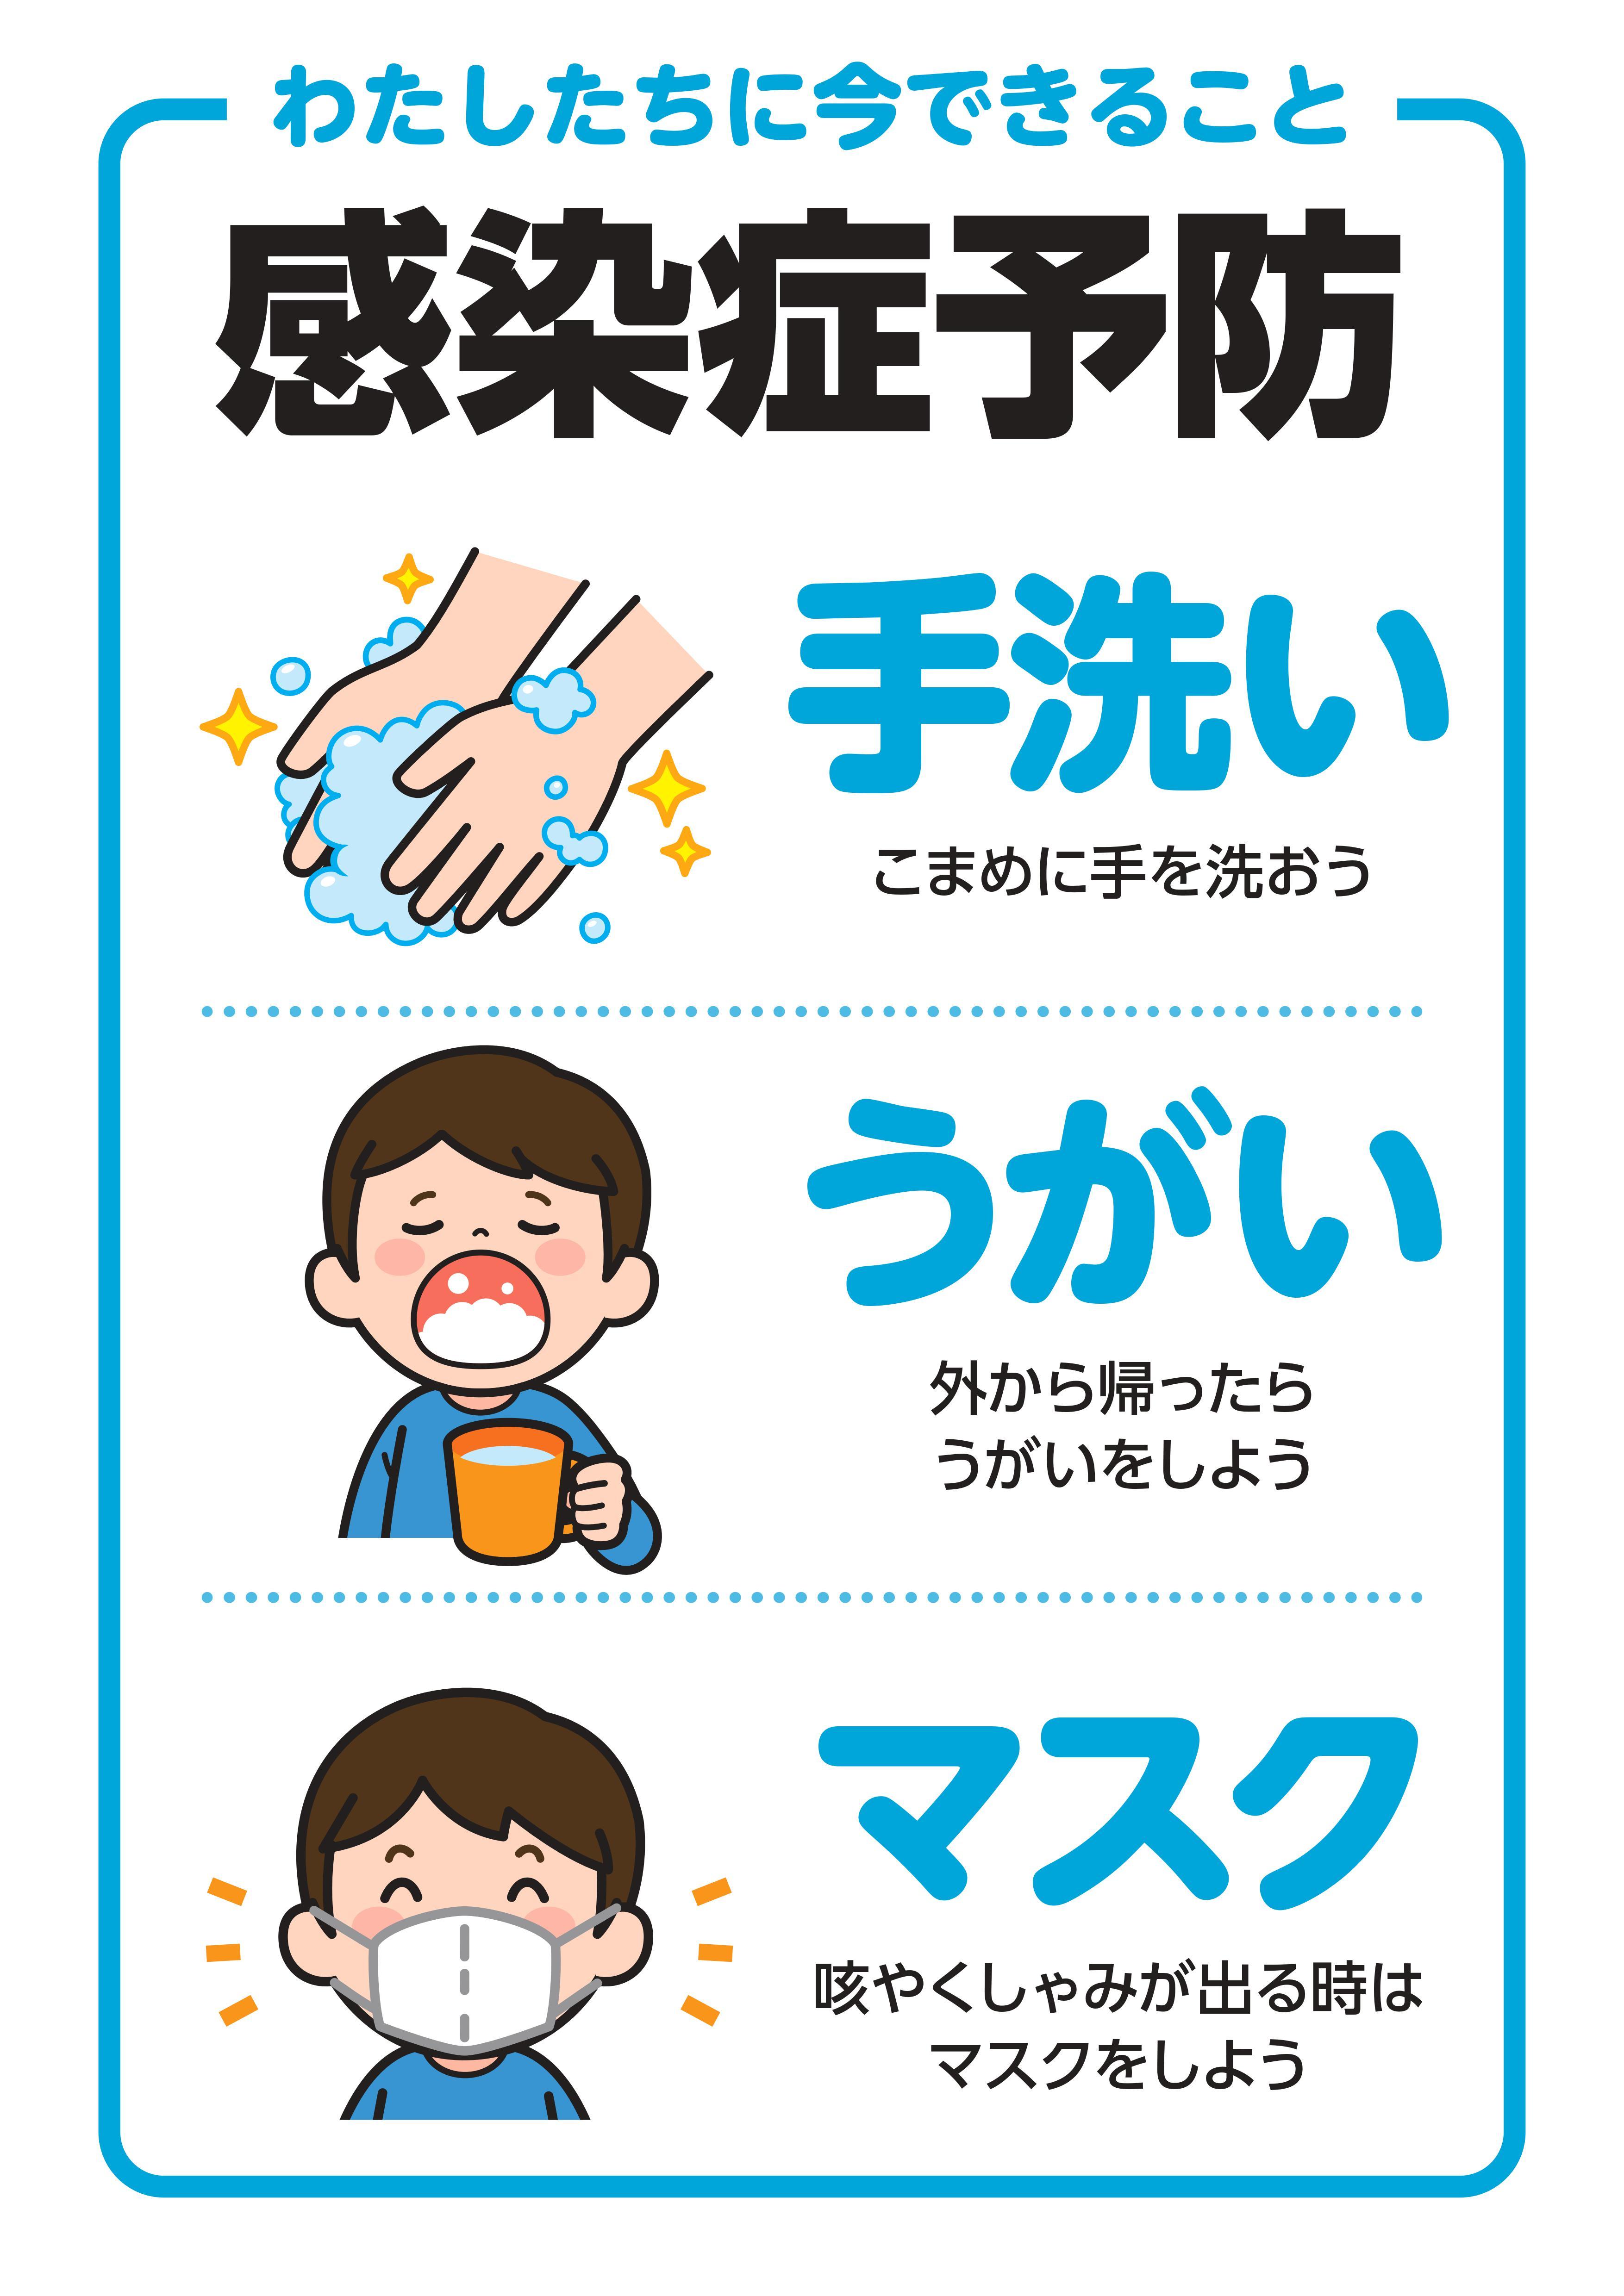 【千歳船橋】祐気堂マッサージの新型コロナウイルス対策について